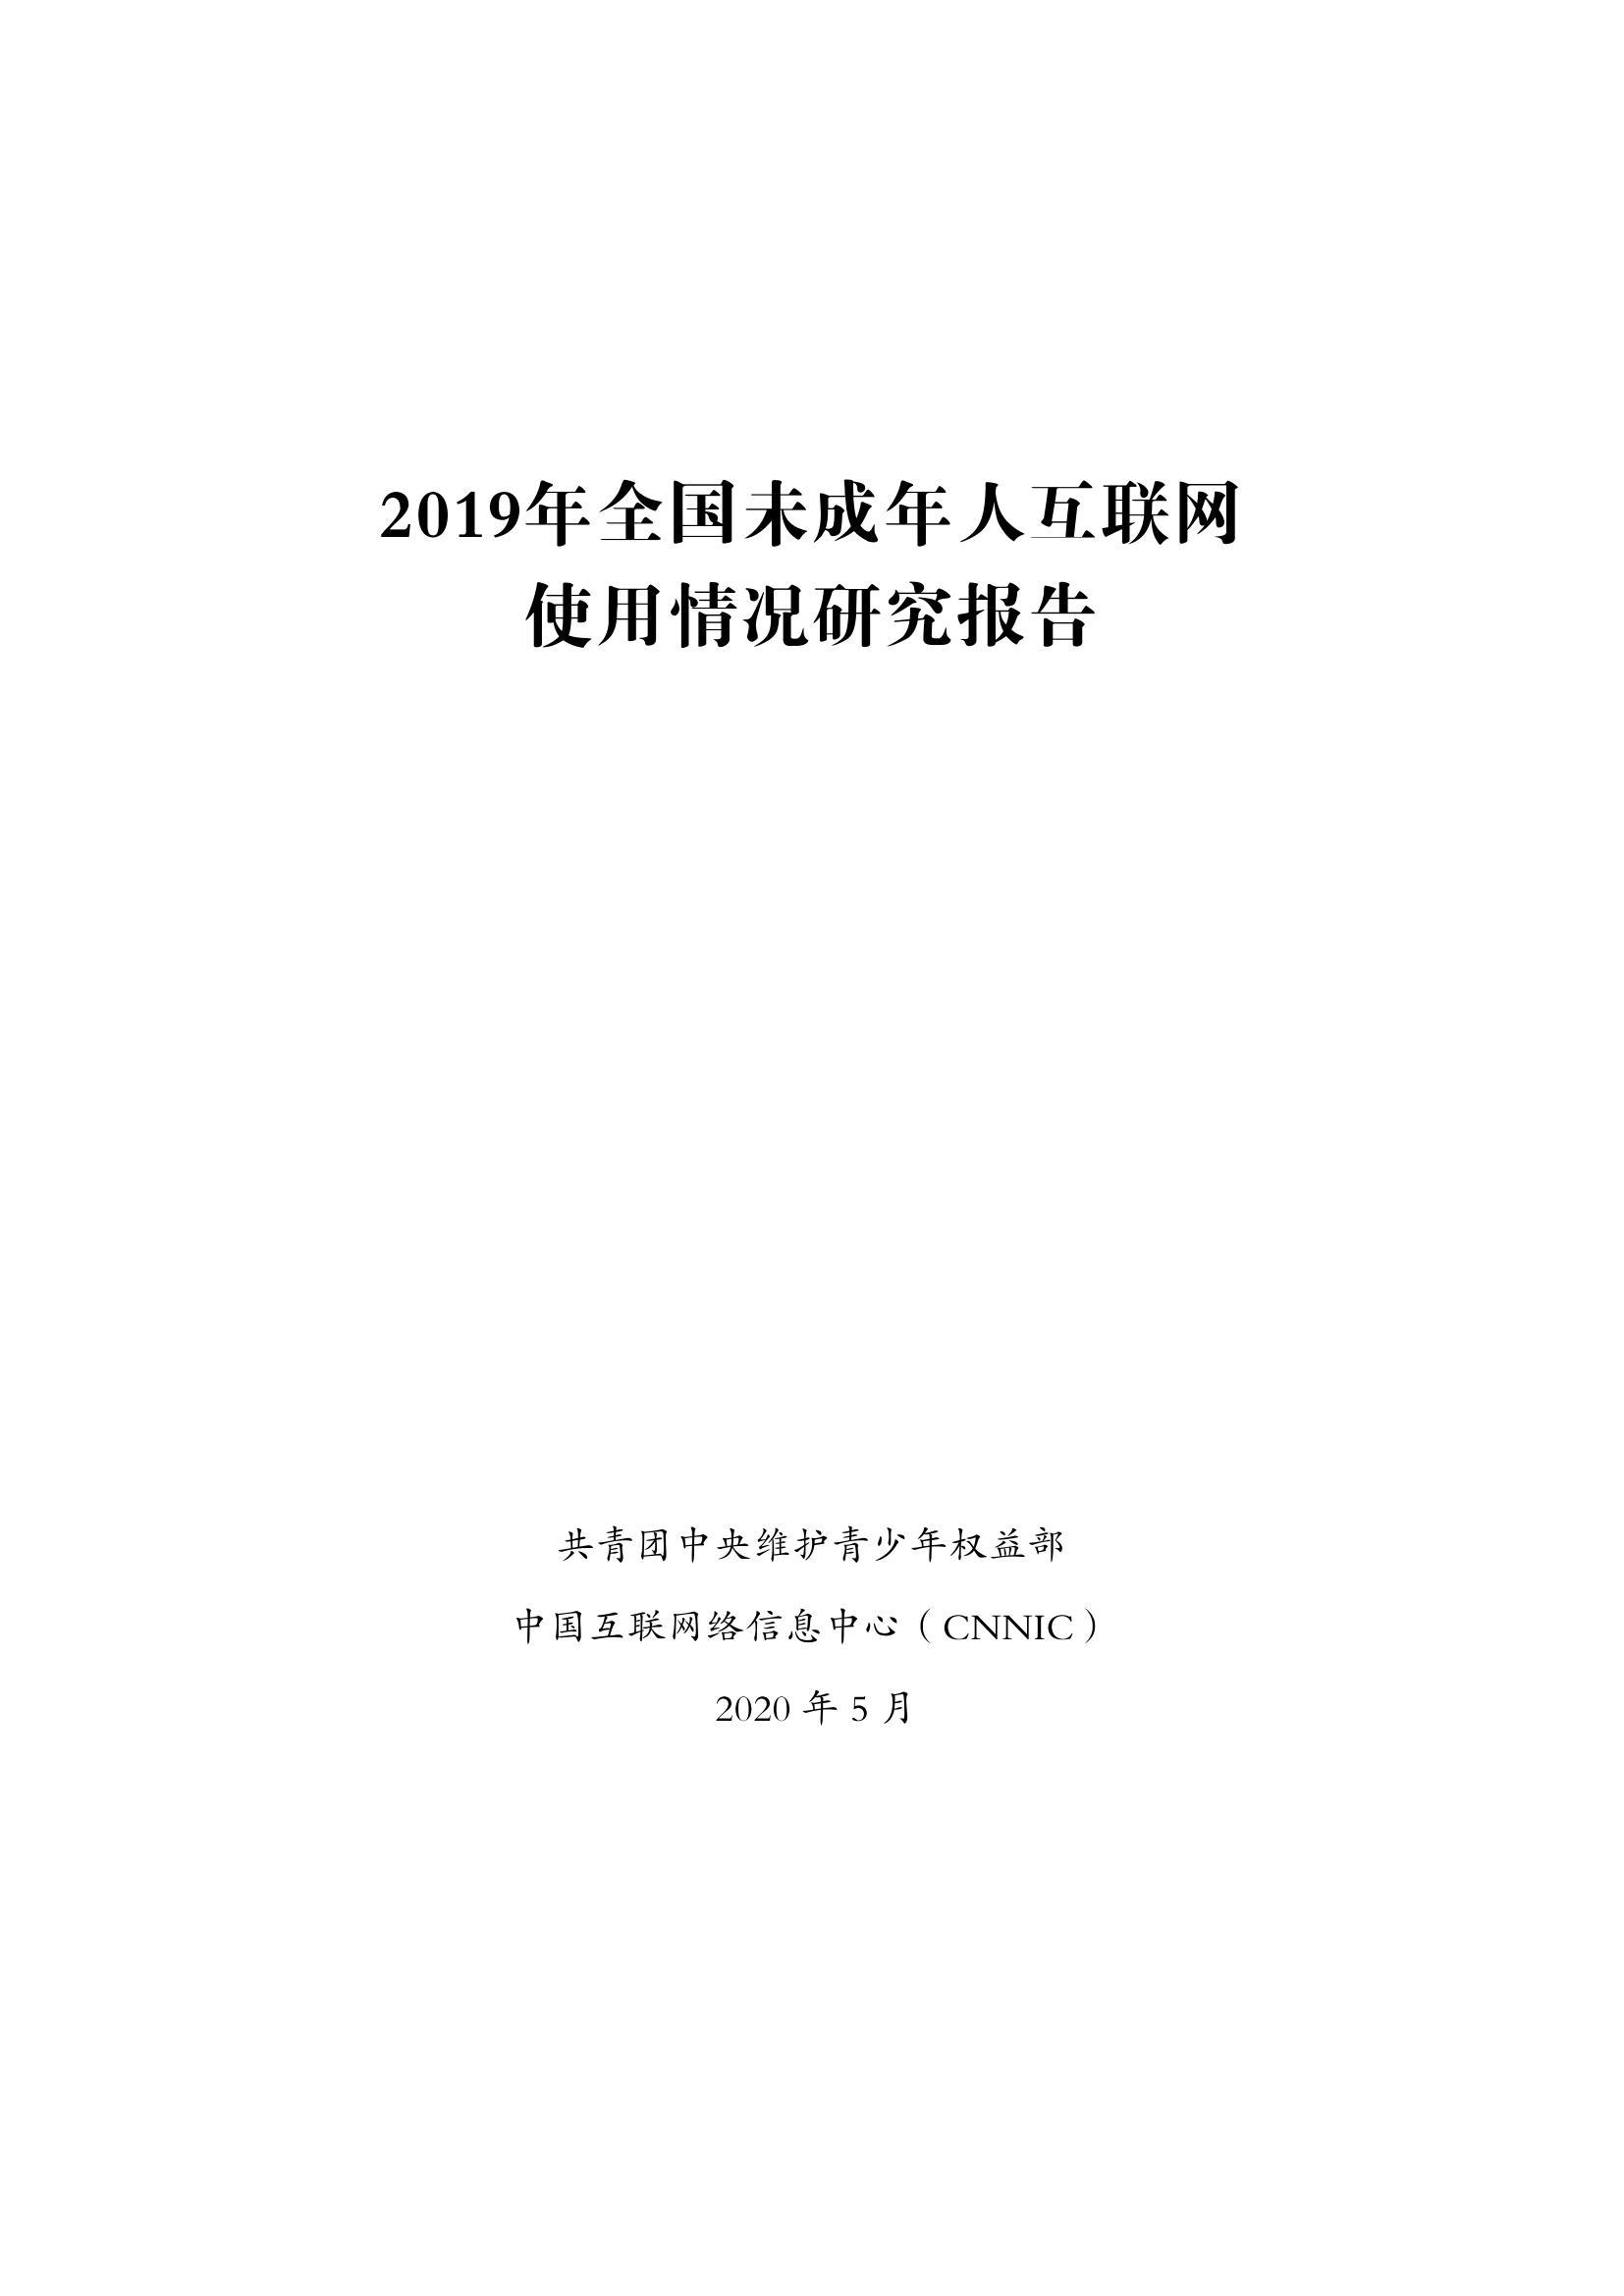 CNNIC:2019年全国未成年人互联网使用情况研究报告